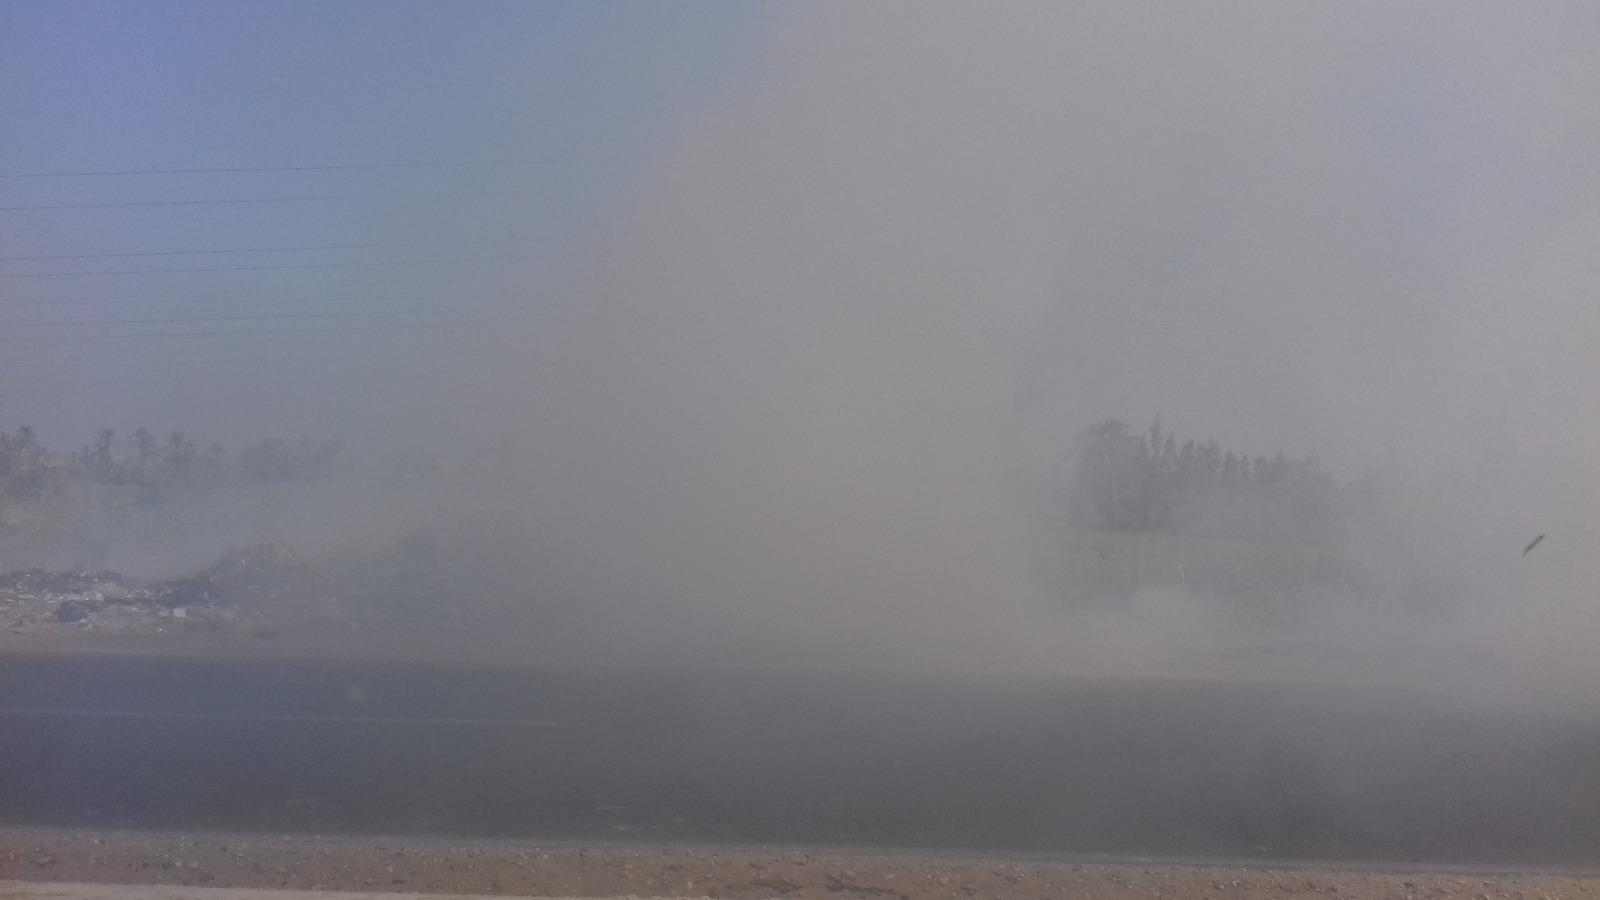 صور | مقلب قمامة مجاور لمعهد في بلبيس يهدد حياة الطلاب.. ووقوع حوادث مرورية